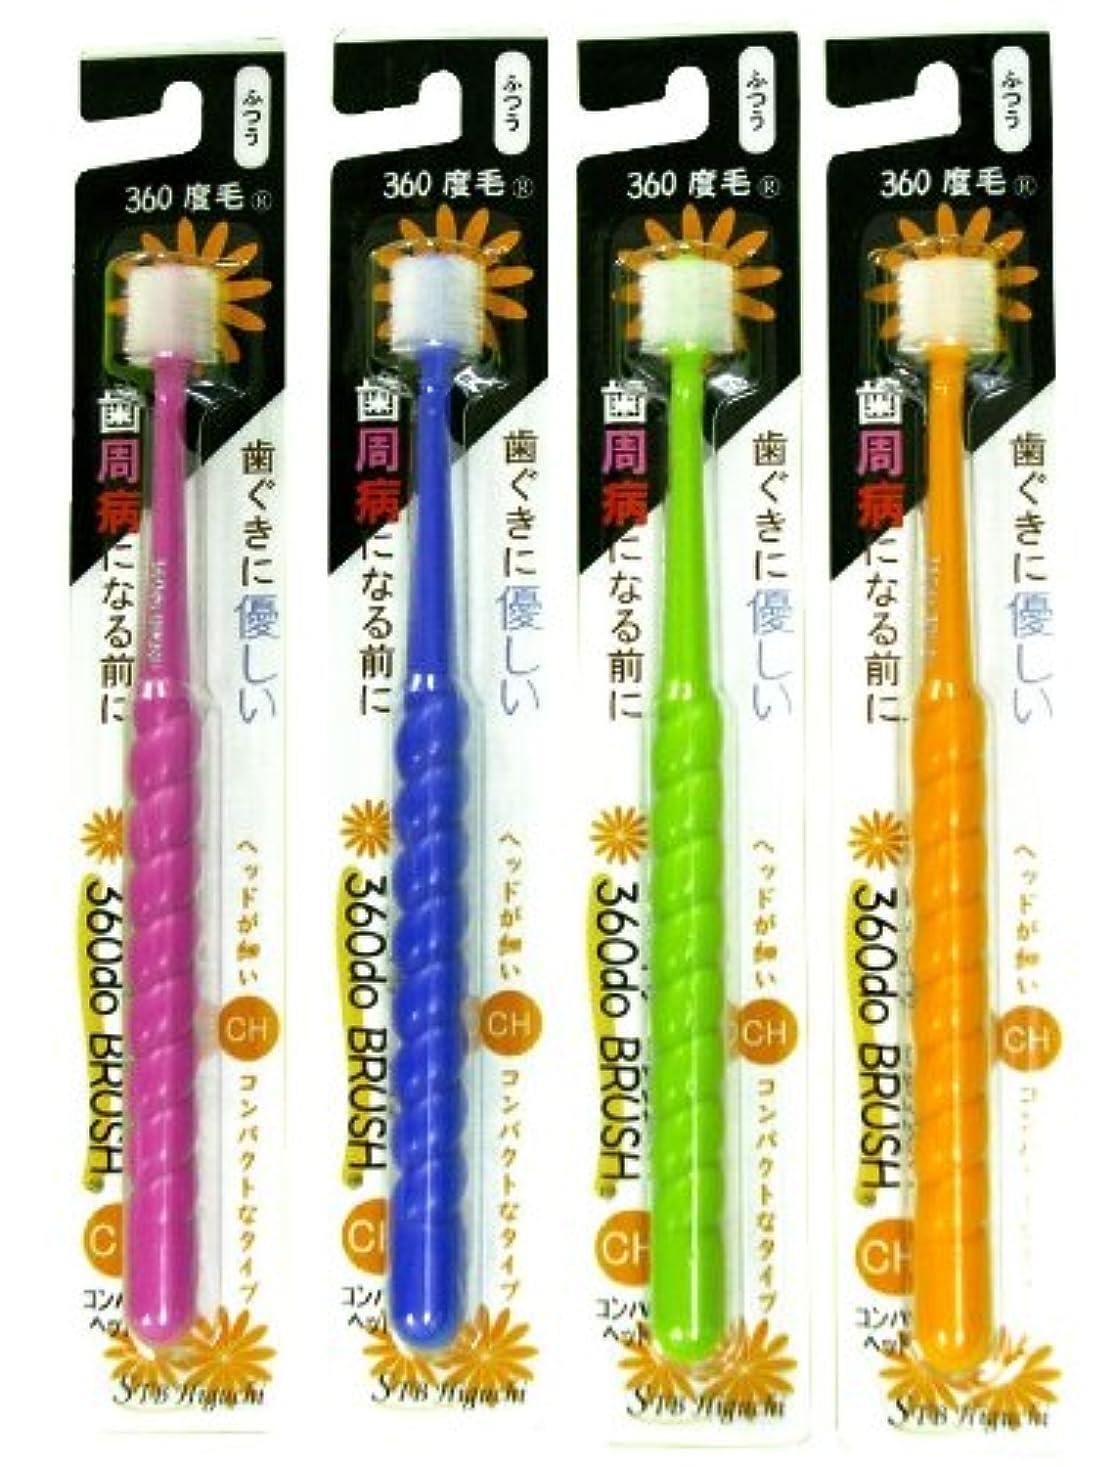 マトン反逆インペリアル360度歯ブラシ 360do BRUSH コンパクトヘッド(CH)(カラーは1色おまかせ)